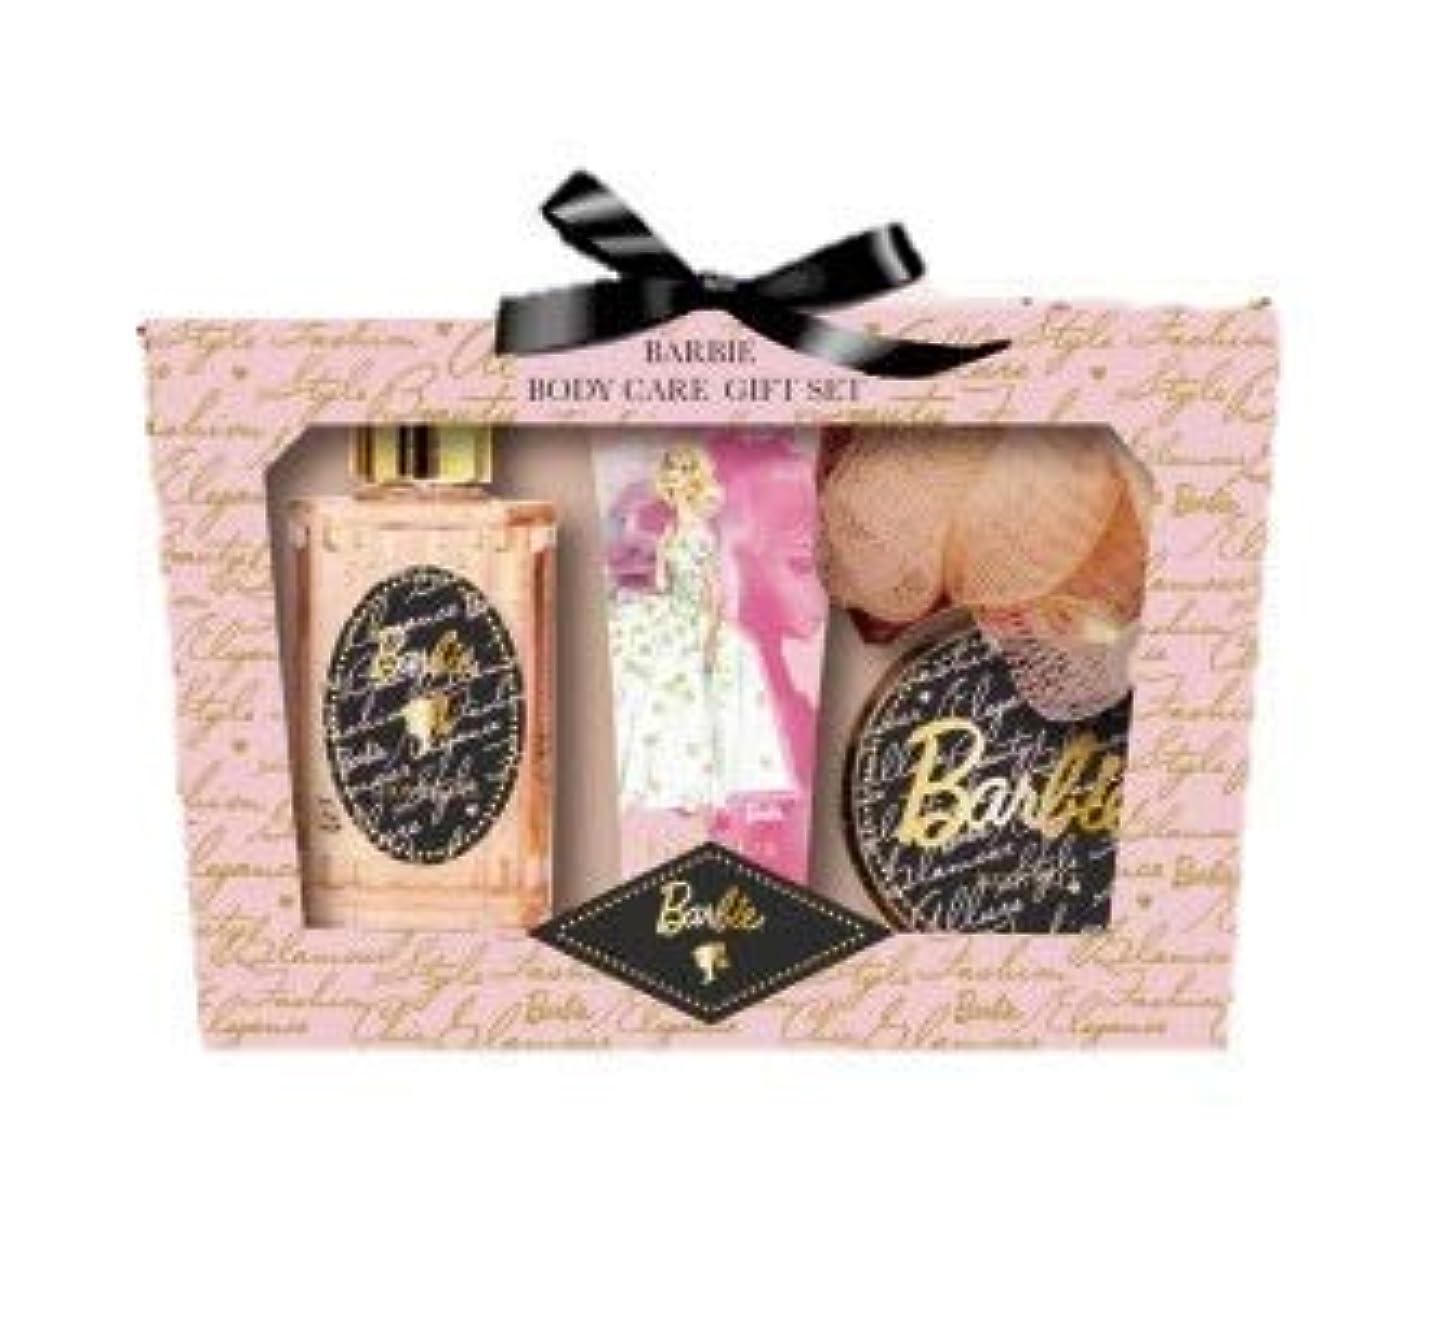 欠陥急いで耕すヒューマンリンク Barbie (バービー) ボディケア ギフトセット (ローズ&ピオニーの香り) プレゼント [ハンドクリーム/シャワージェル/バスソルト/スポンジ] 入浴剤 バススポンジ ボディソープ